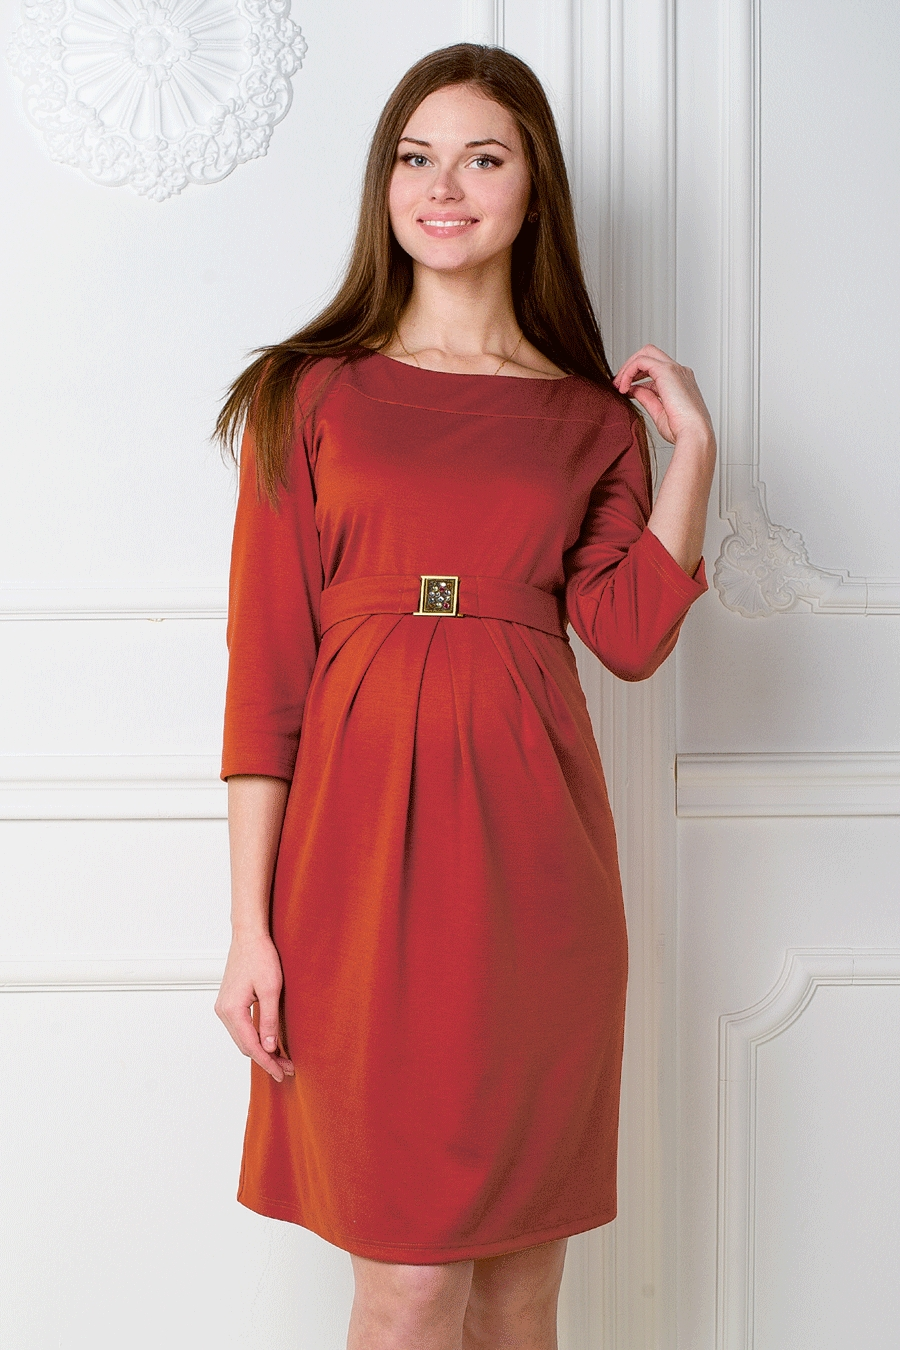 ПлатьеПлатья<br>Однотоннон платье с рукавами 3/4. Модель выполнена из приятного трикотажа. Отличный выбор для повседневного гардероба. Ростовка изделия 170-176 см.  За счет свободного кроя и эластичного материала изделие можно носить во время беременности  Цвет: красный  Рост девушки-фотомодели 180 см<br><br>Горловина: С- горловина<br>По длине: До колена<br>По материалу: Трикотаж<br>По рисунку: Однотонные<br>По силуэту: Полуприталенные<br>По стилю: Повседневный стиль<br>По форме: Платье - трапеция<br>По элементам: С декором,Со складками<br>Рукав: Рукав три четверти<br>По сезону: Осень,Весна,Зима<br>Размер : 46,50<br>Материал: Джерси<br>Количество в наличии: 2